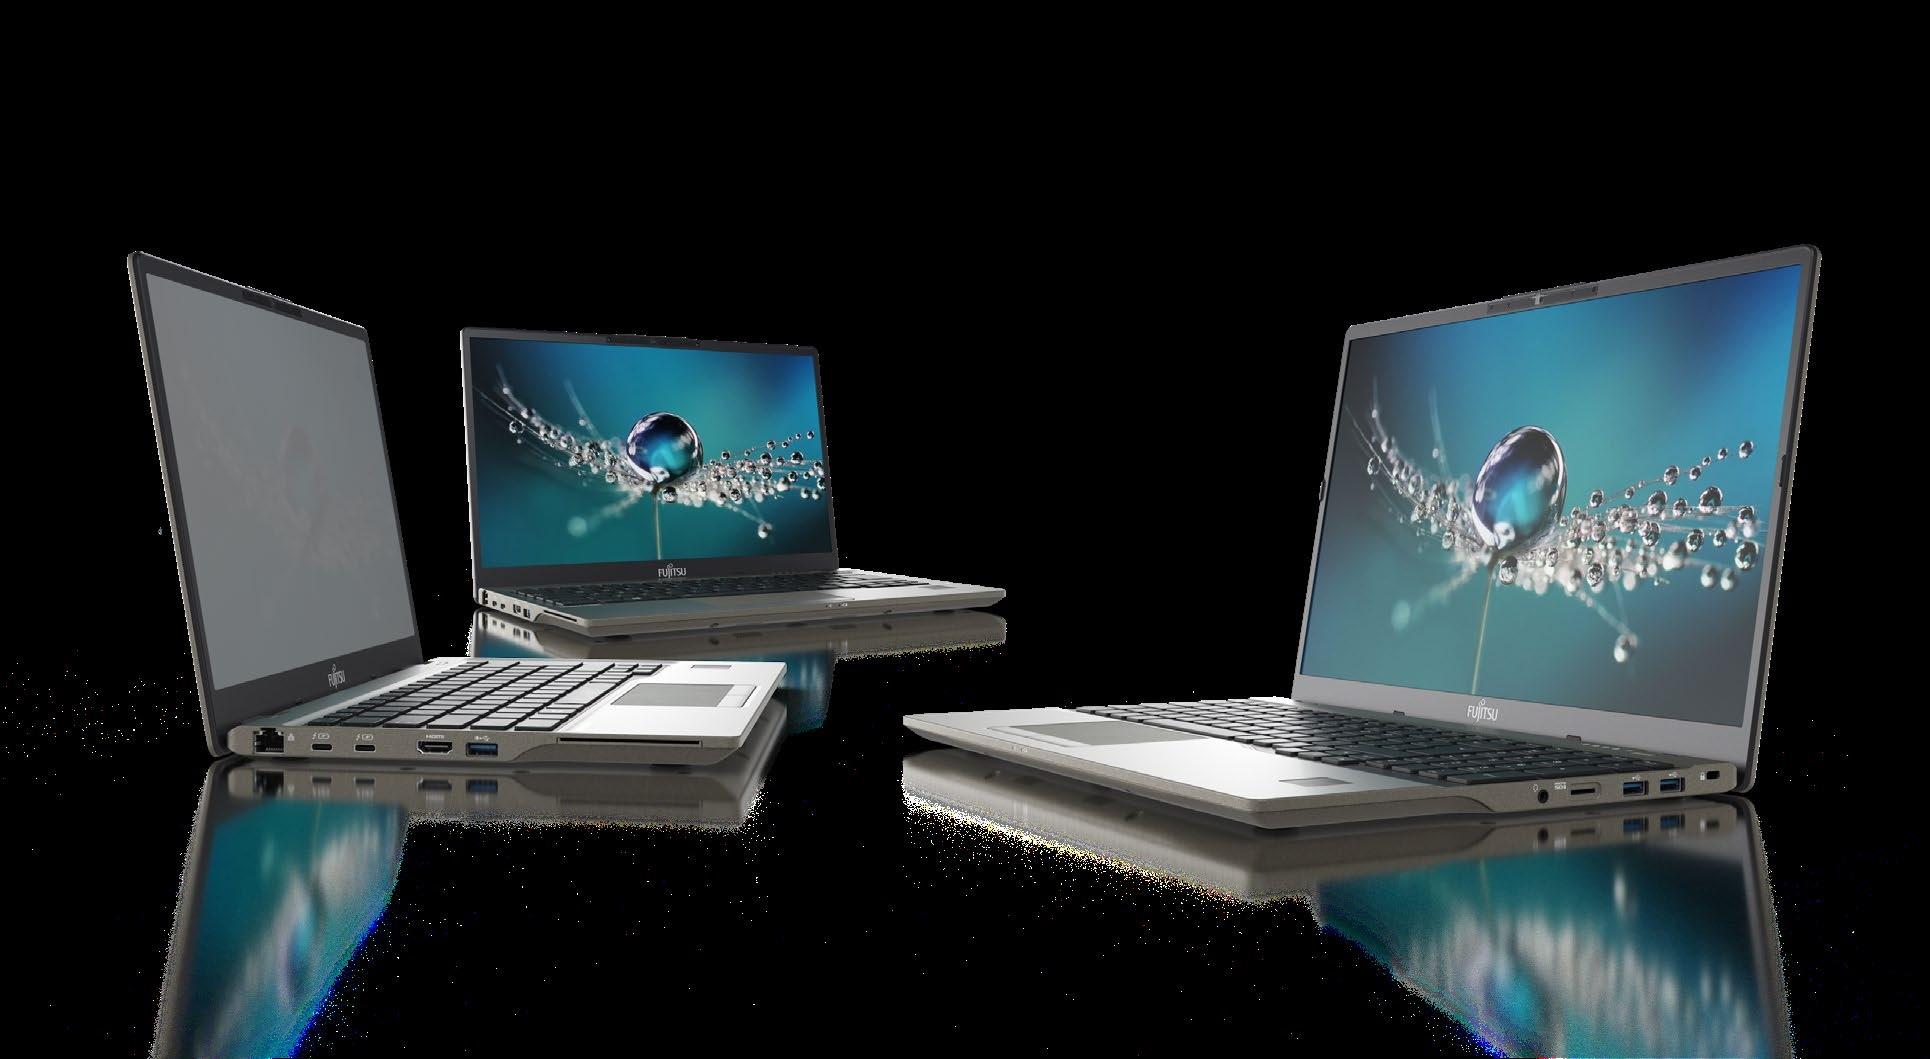 Lifebook U7: Fujitsus neue Notebooks behalten gesteckten RAM bei - Fujitsu Lifebook U7 (Bild: Fujitsu)